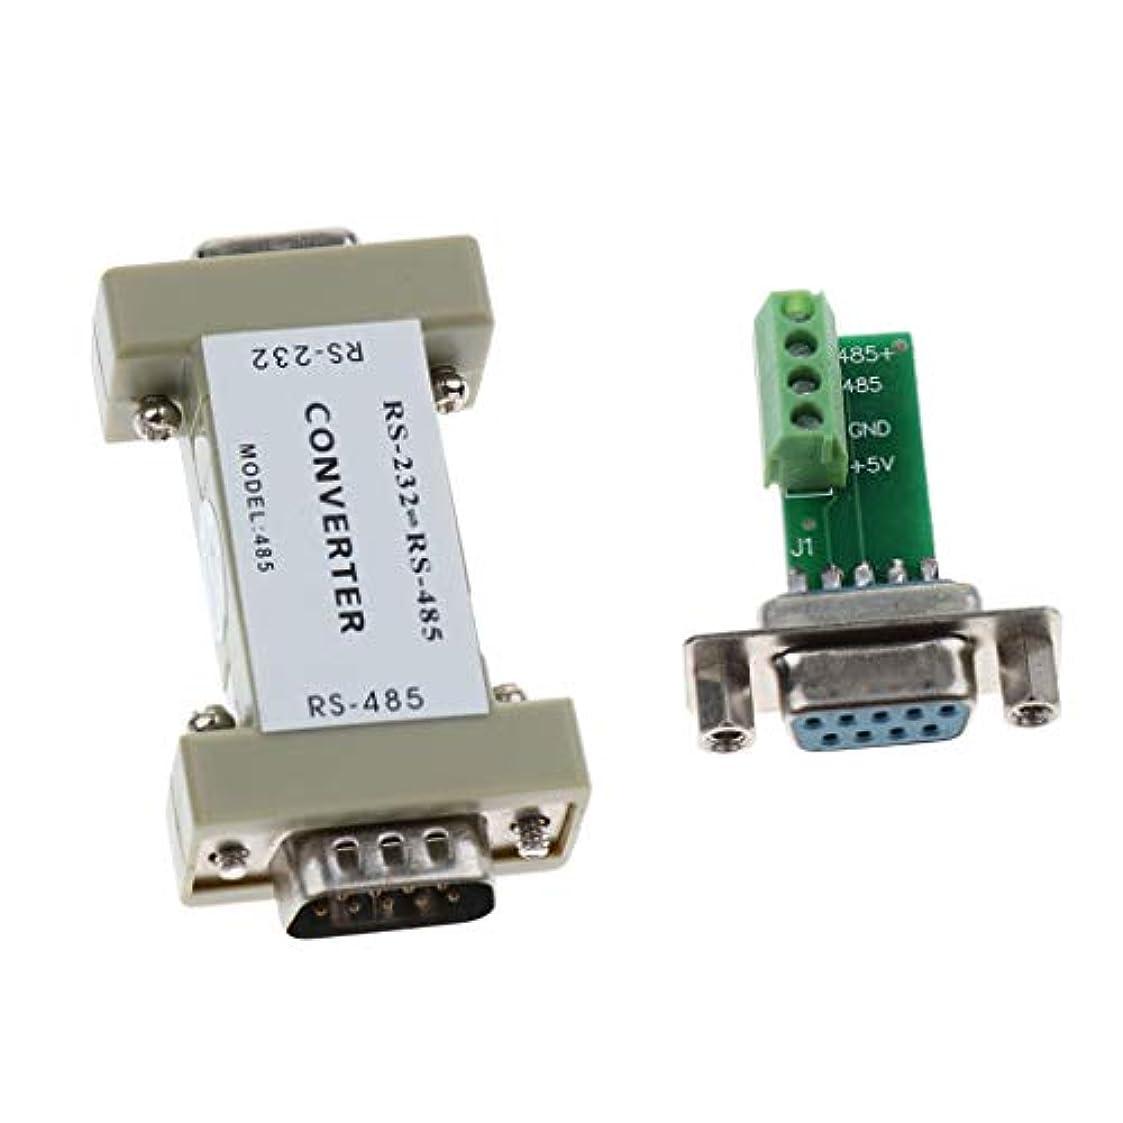 所属カートンバナーF Fityle RS232~RS485シリアル通信データ変換アダプタ 工業用 シリアル通信アダプタ